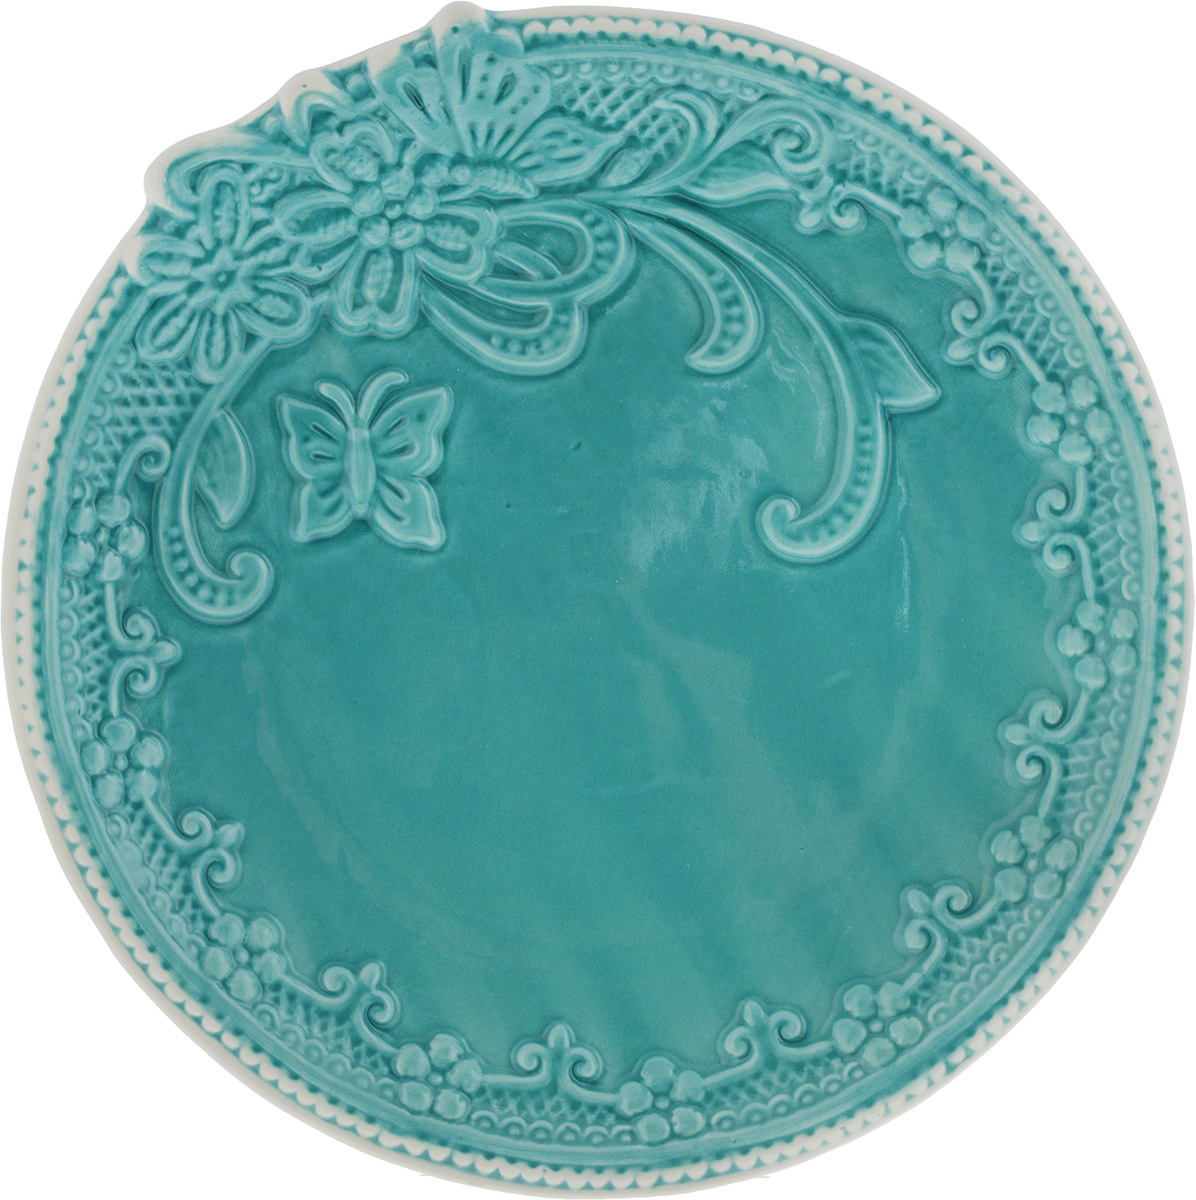 Тарелка Azur, диаметр 21 см216674Тарелка Azur выполнена из высококачественной керамика и имеет рельефную поверхность. Она прекрасно впишется в интерьер вашей кухни и станет достойным дополнением к кухонному инвентарю.Можно мыть в посудомоечной машине и использовать в микроволновой печи.Диаметр тарелки (по верхнему краю): 21 см.Высота: 2,5 см.